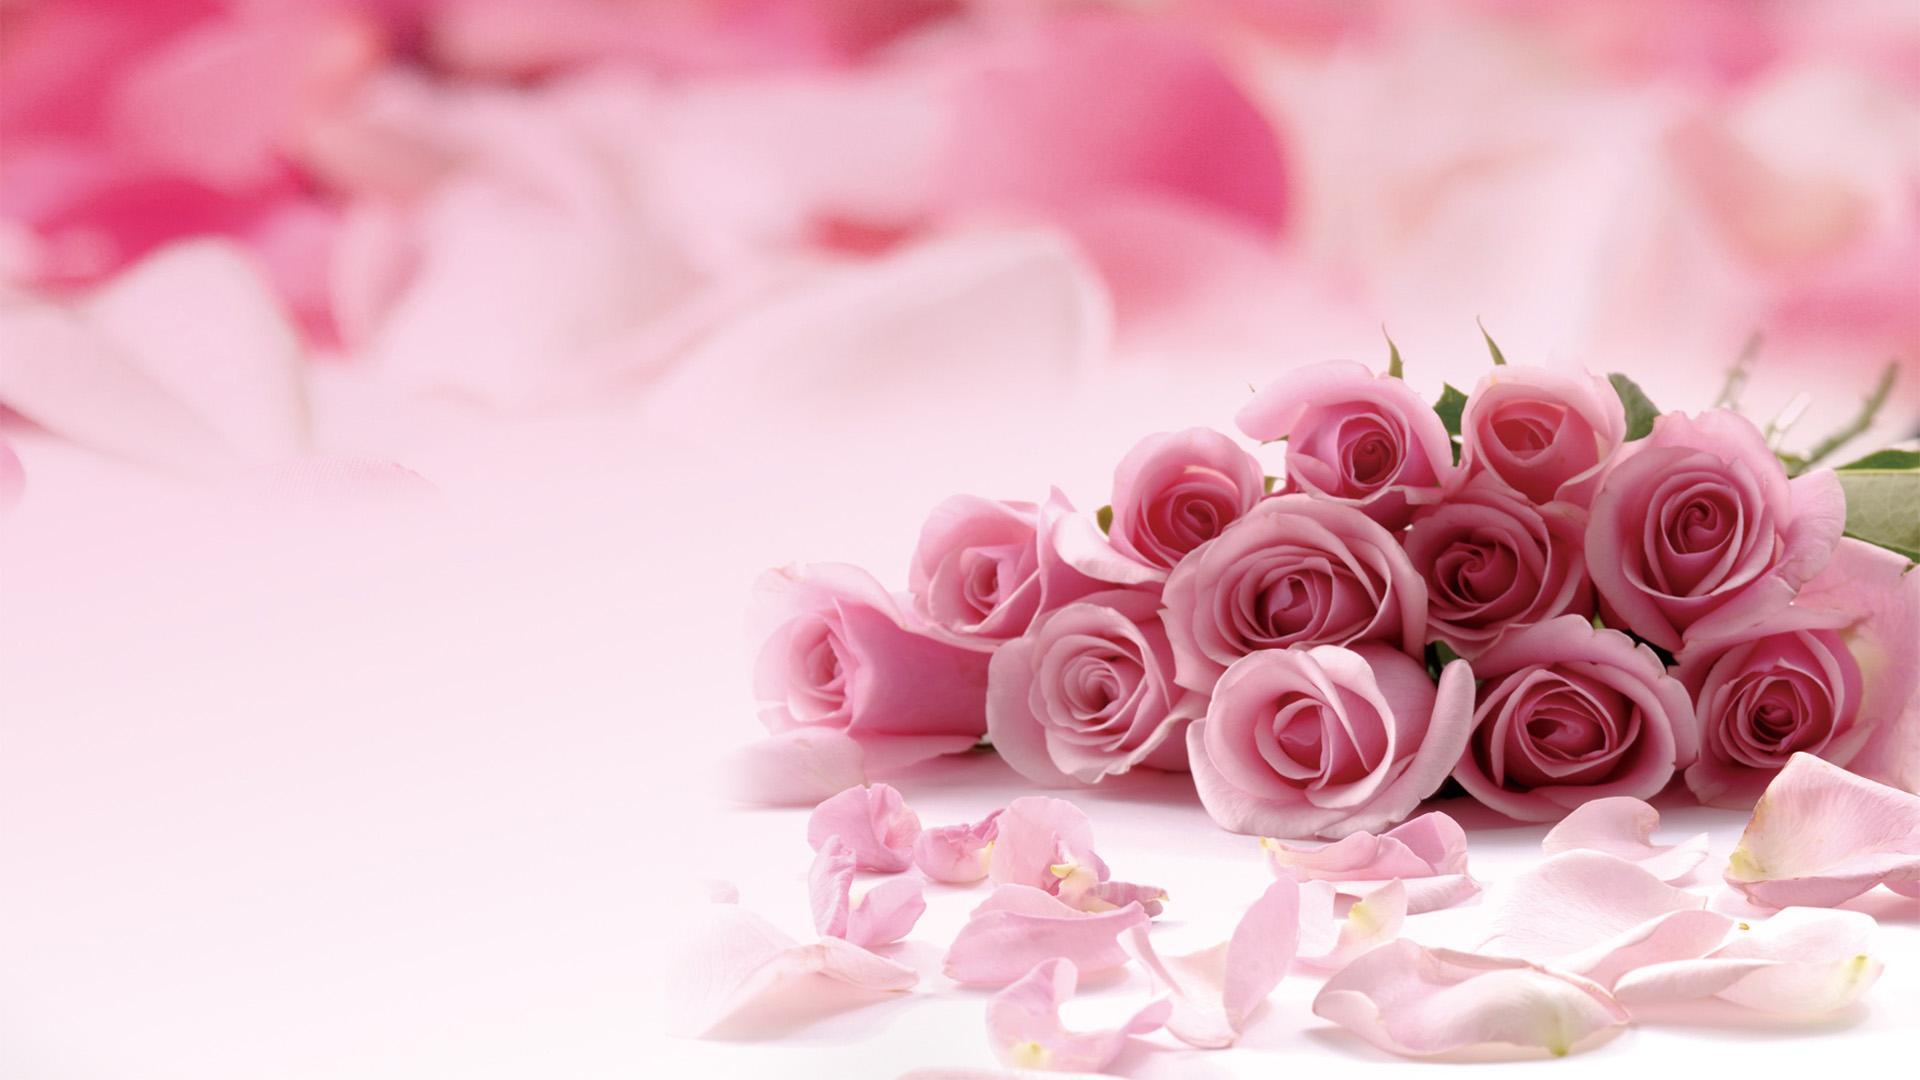 Hình nền hoa màu hồng đẹp